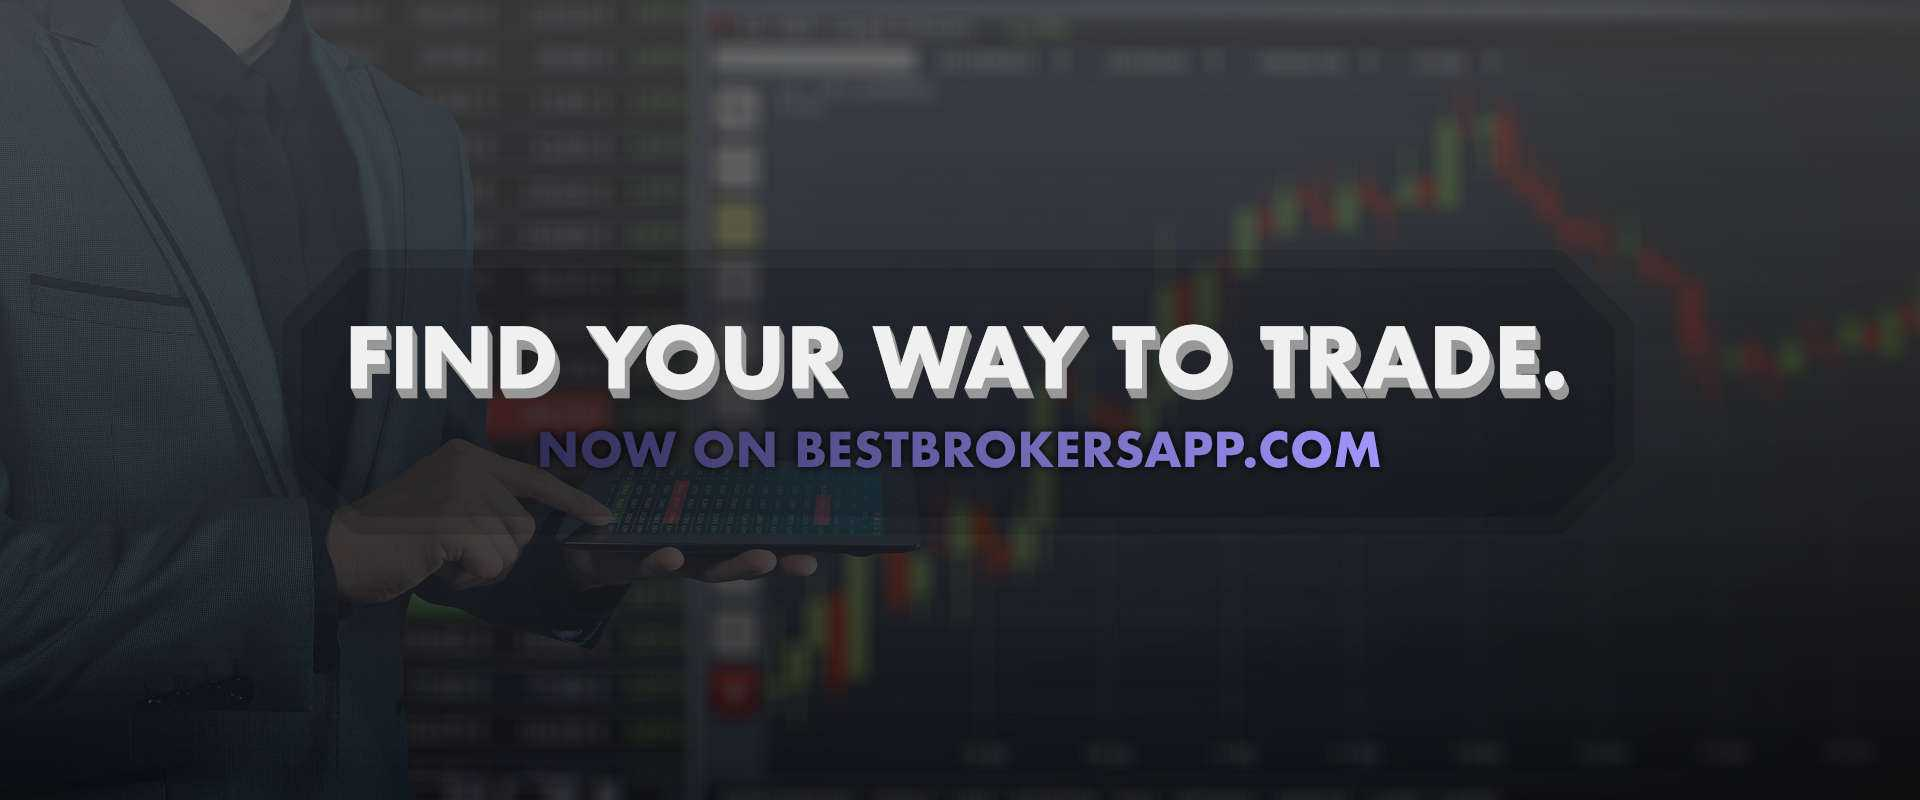 best brokers app tips